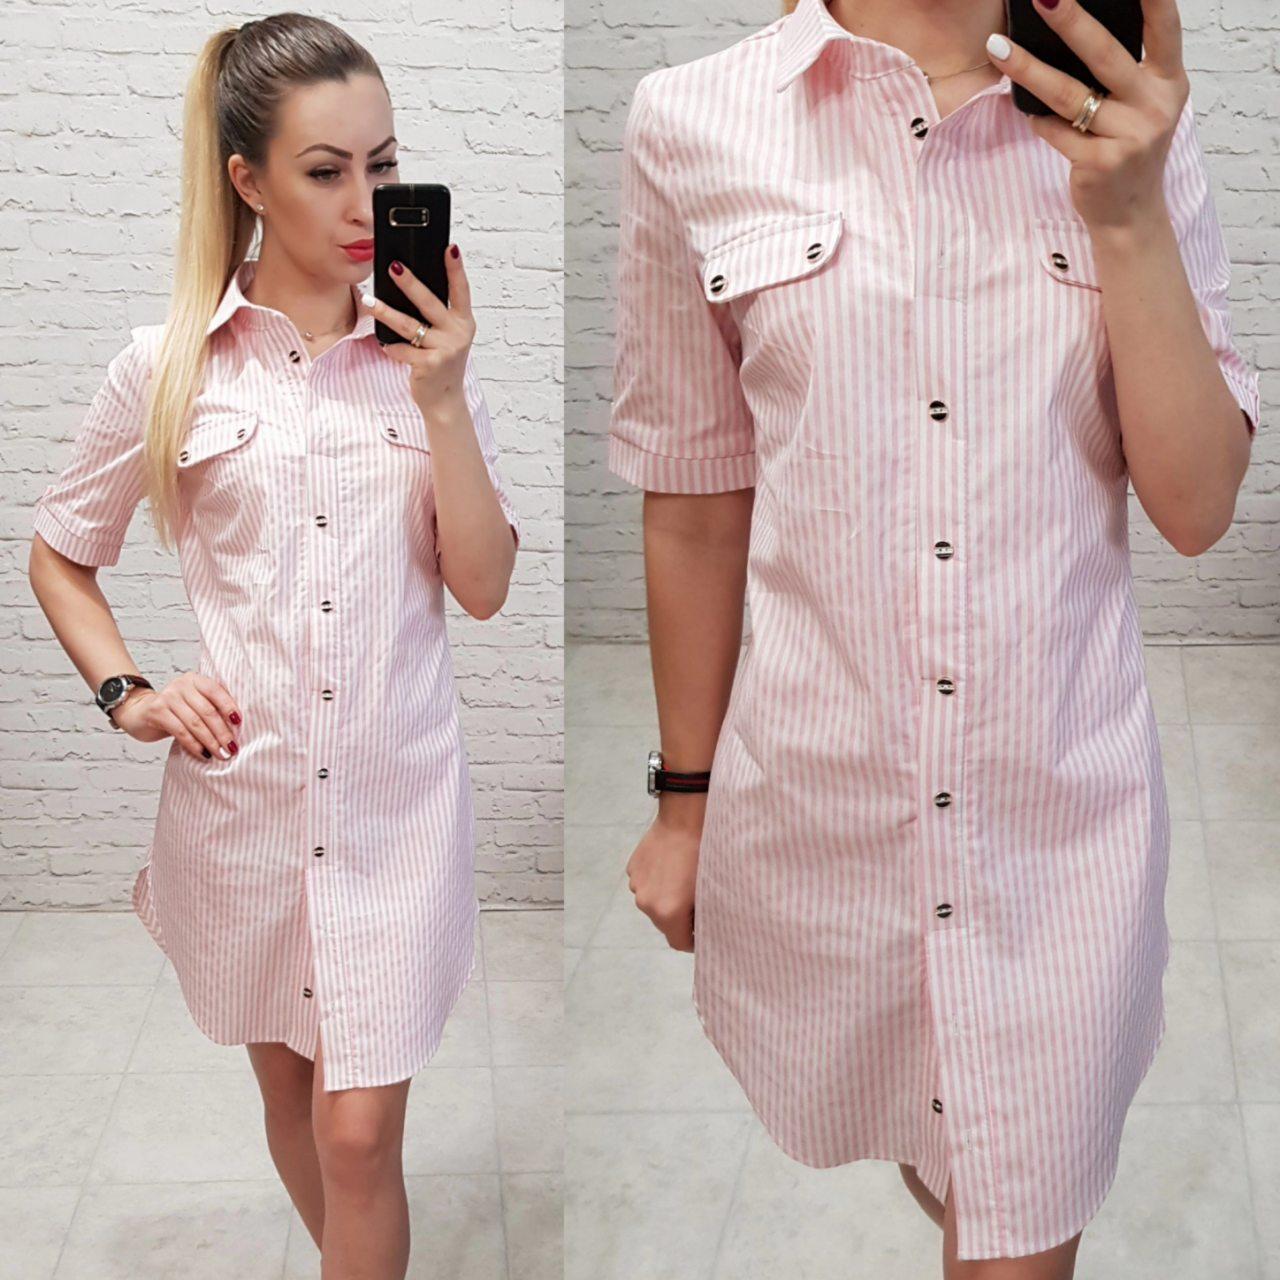 236b99819eb Платье - рубашка арт 827 розовое в полосочку - Интернет магазин женской  одежды Khan в Одессе